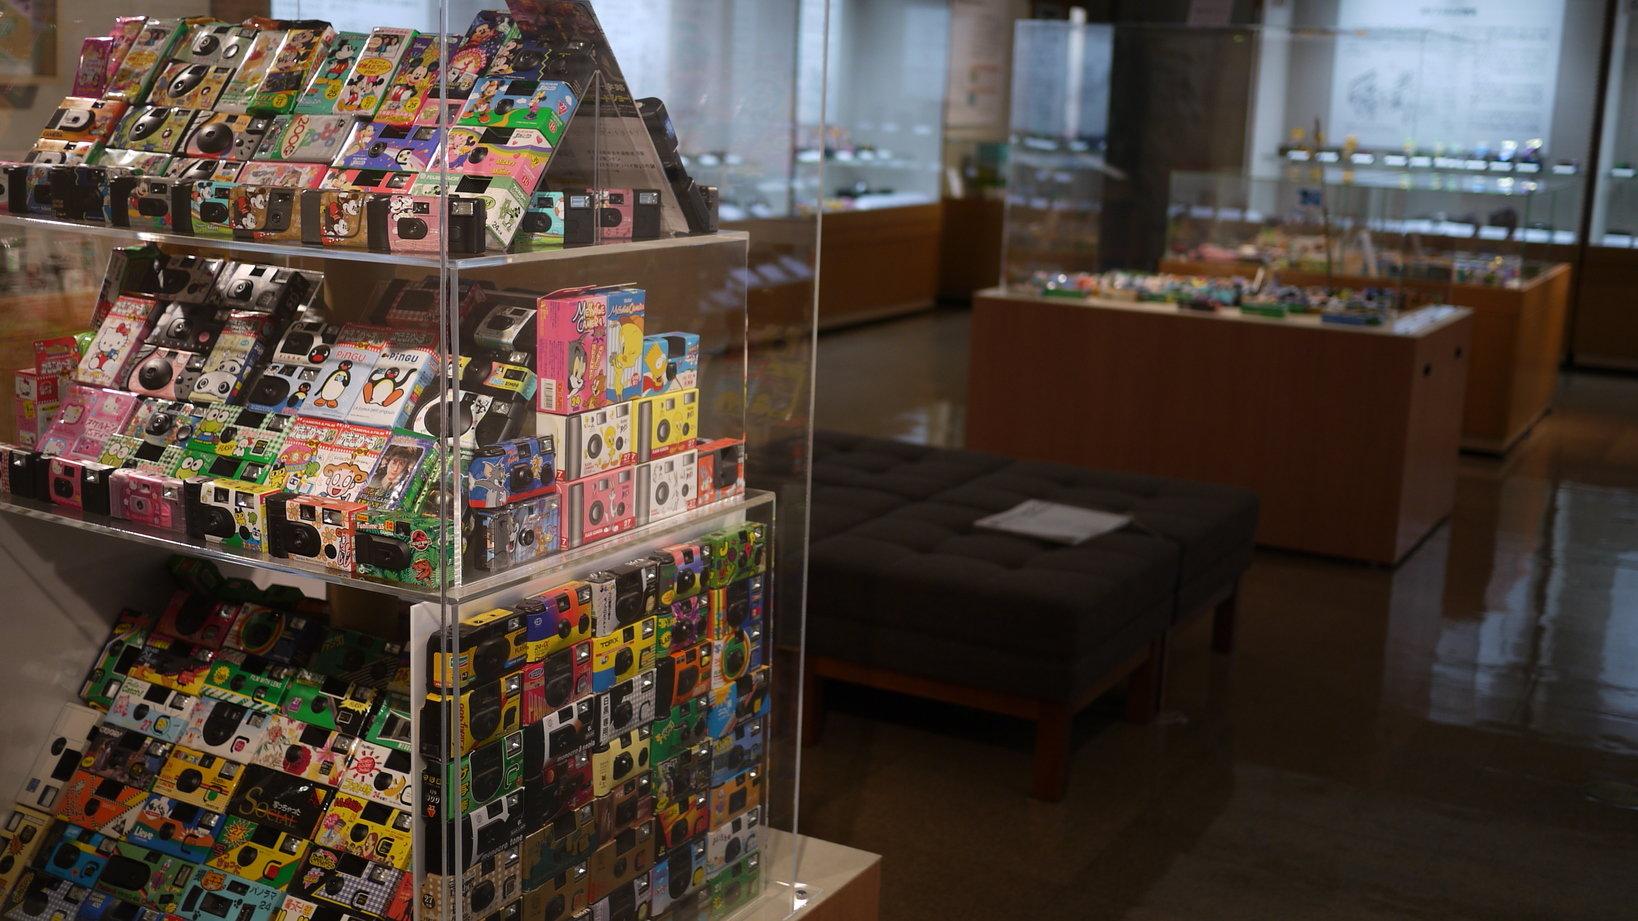 2014年に開催された「レンズ付フィルム展」の展示様子